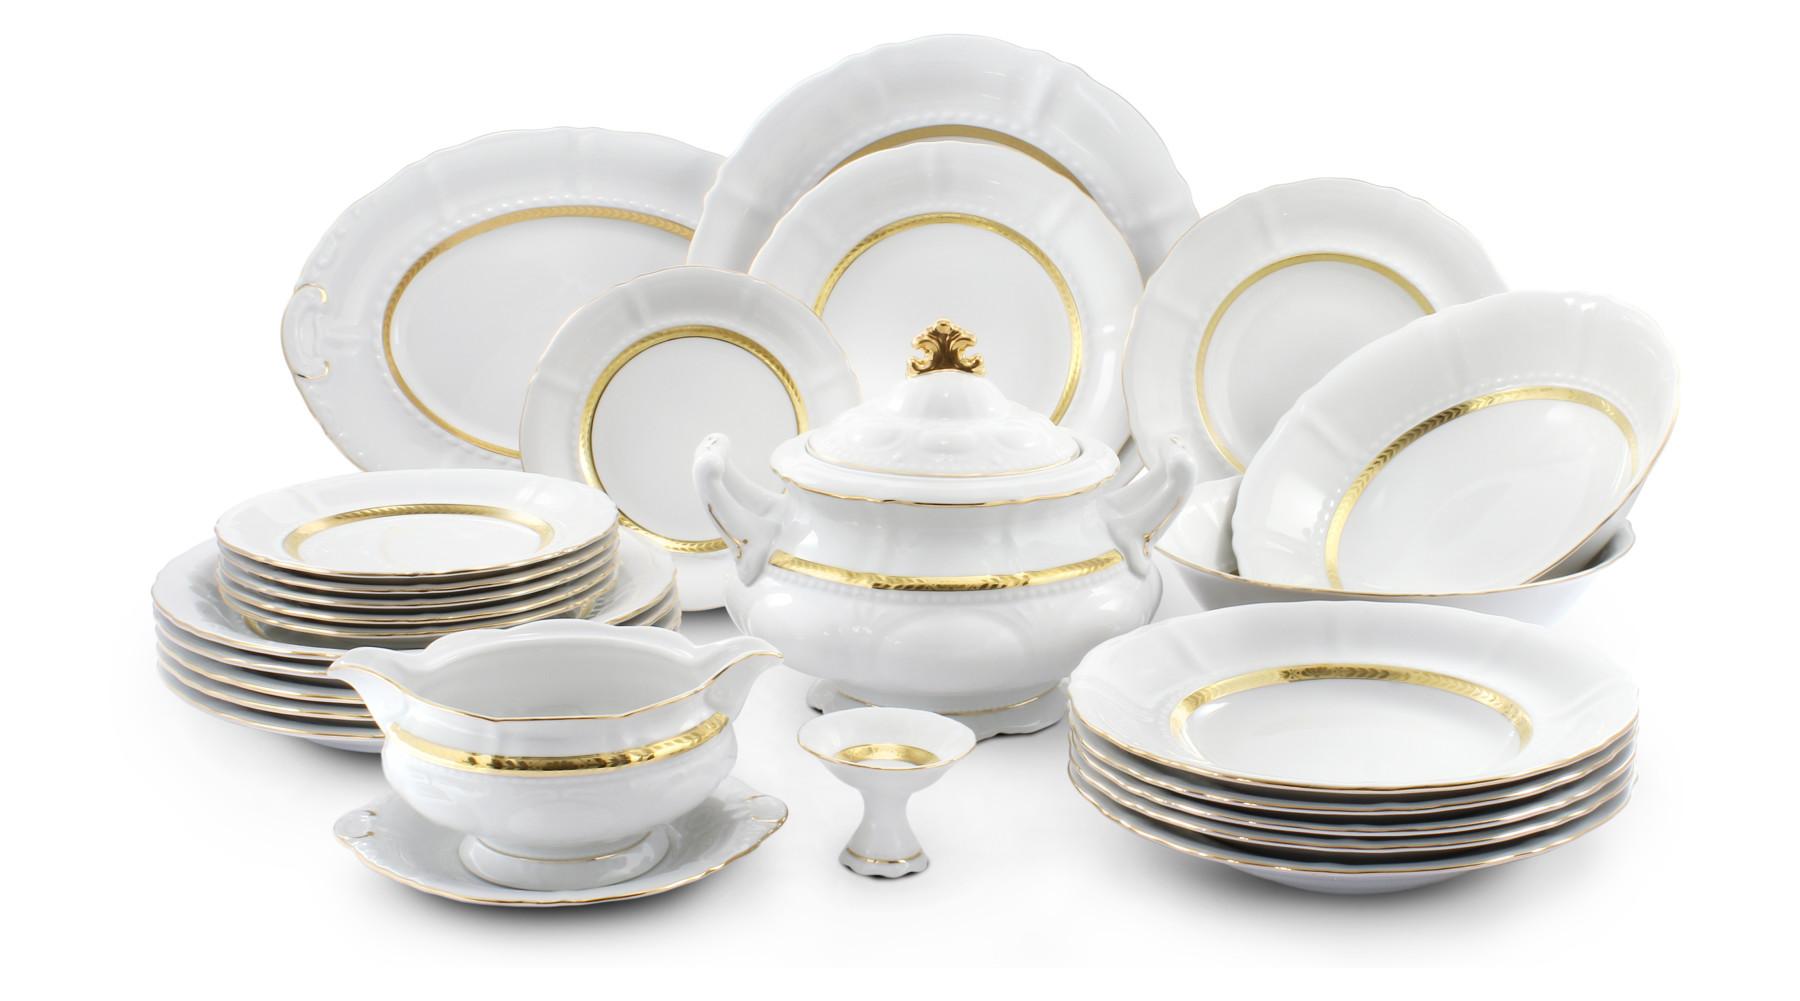 Dinner set 25-piece - Gold braid